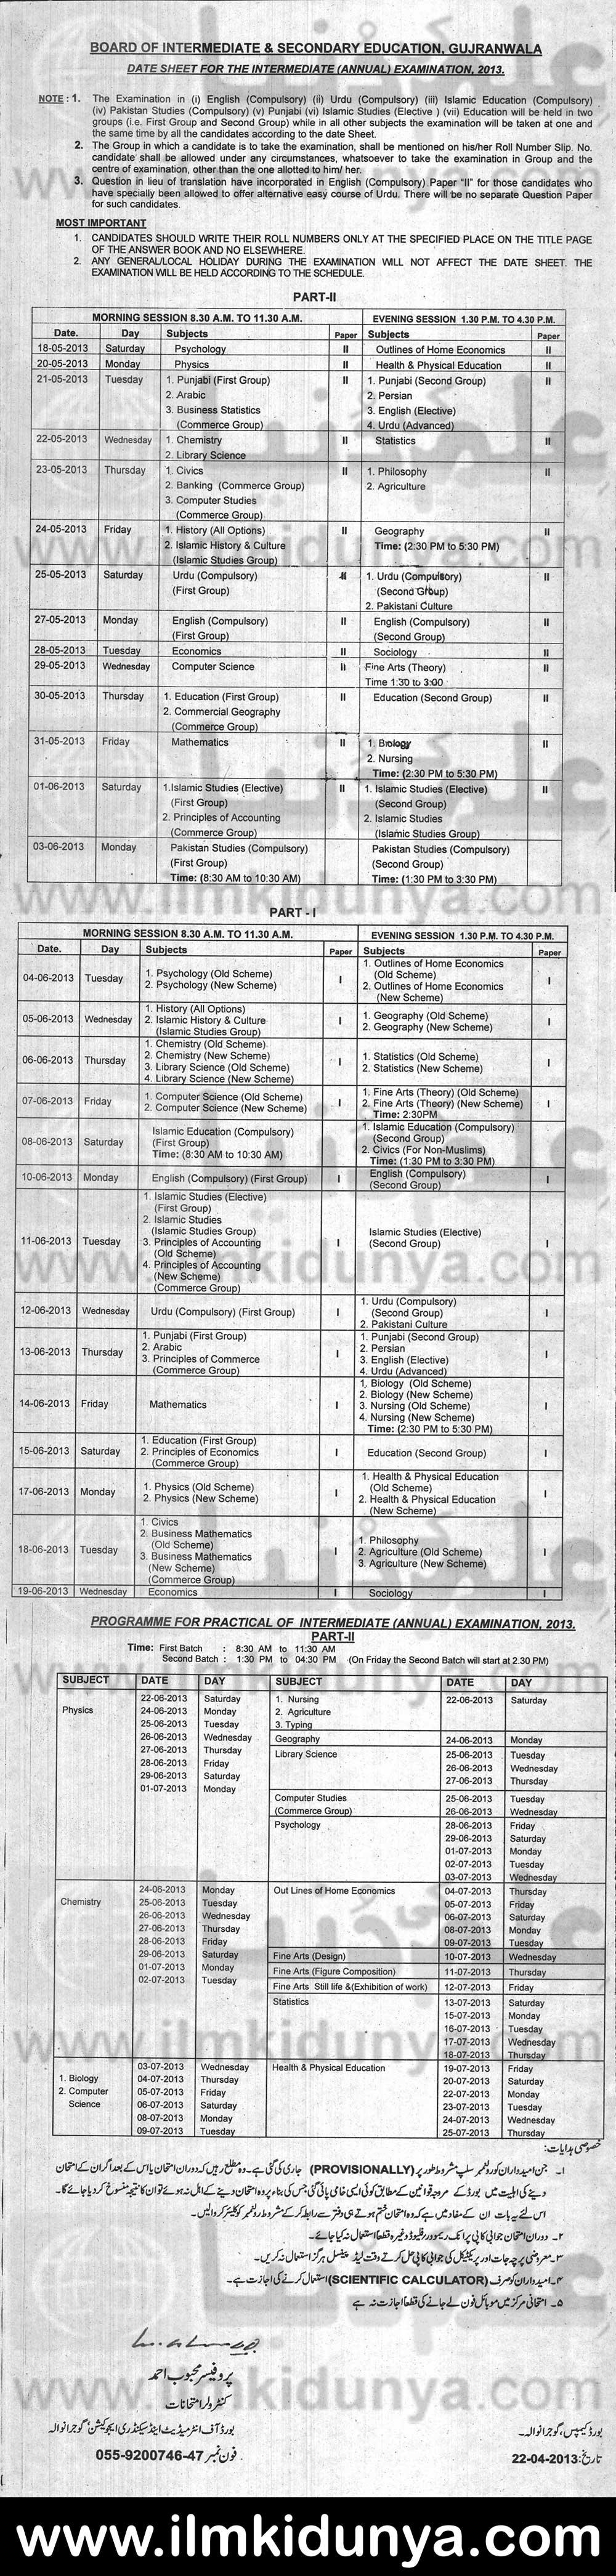 Bise Gujranwalaboard Inter Date